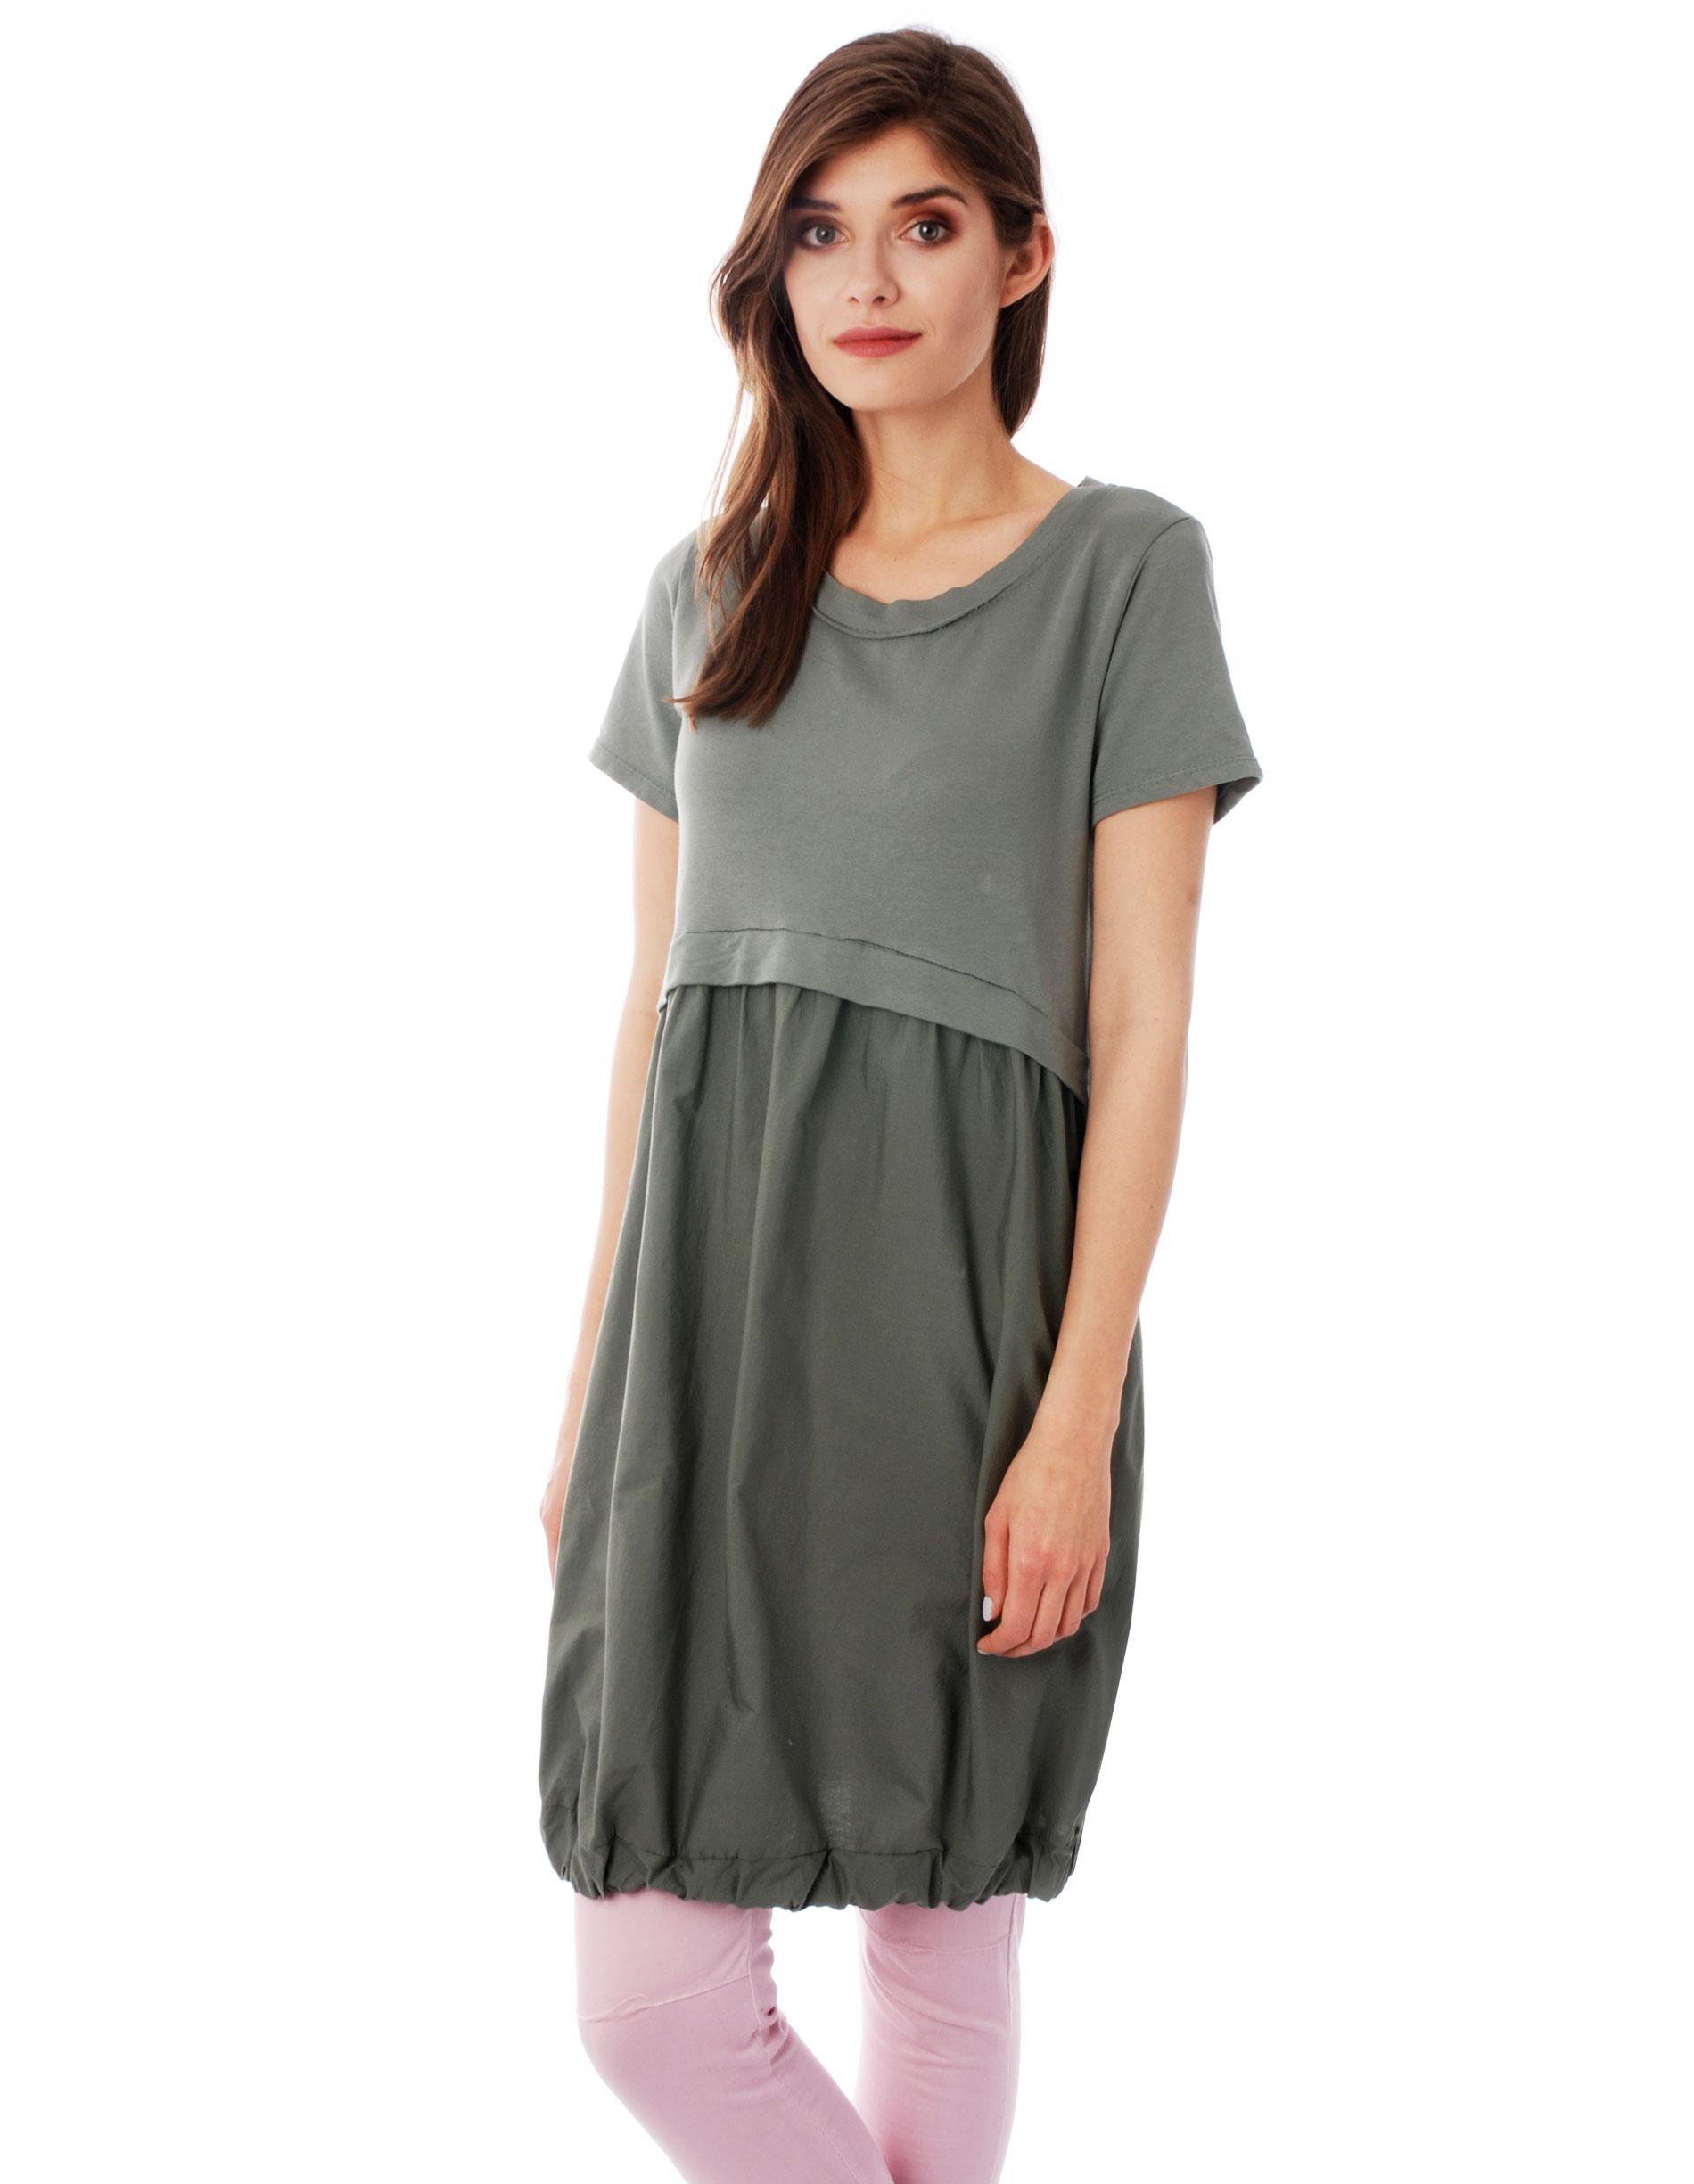 Sukienka - 62-5491-1 MIL - Unisono